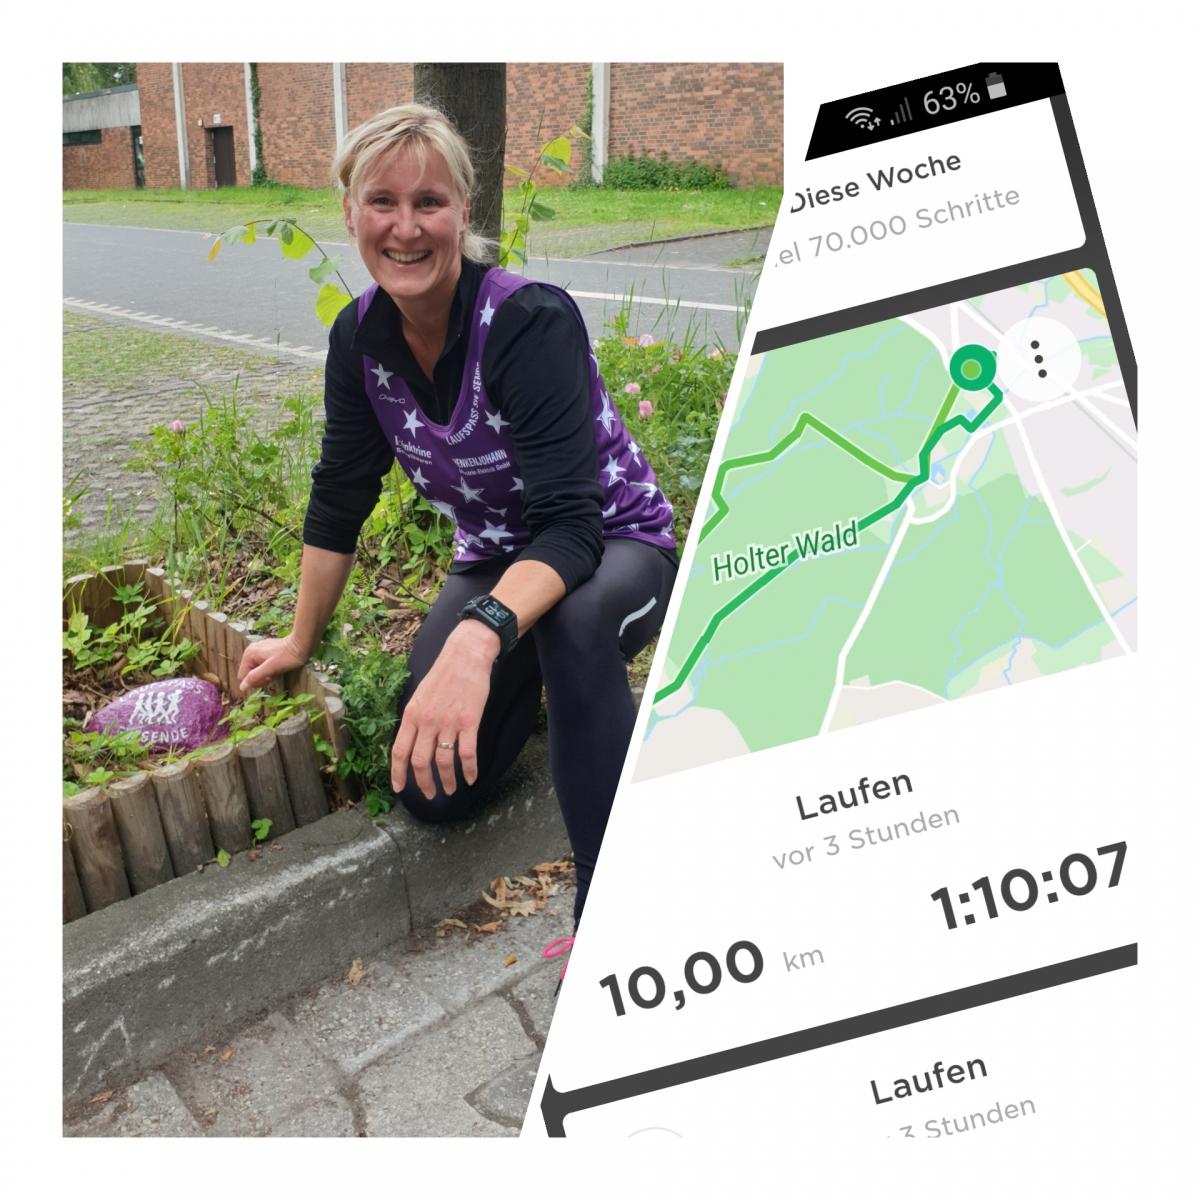 Klinkemeyer-Nicole-10-km-czcNO